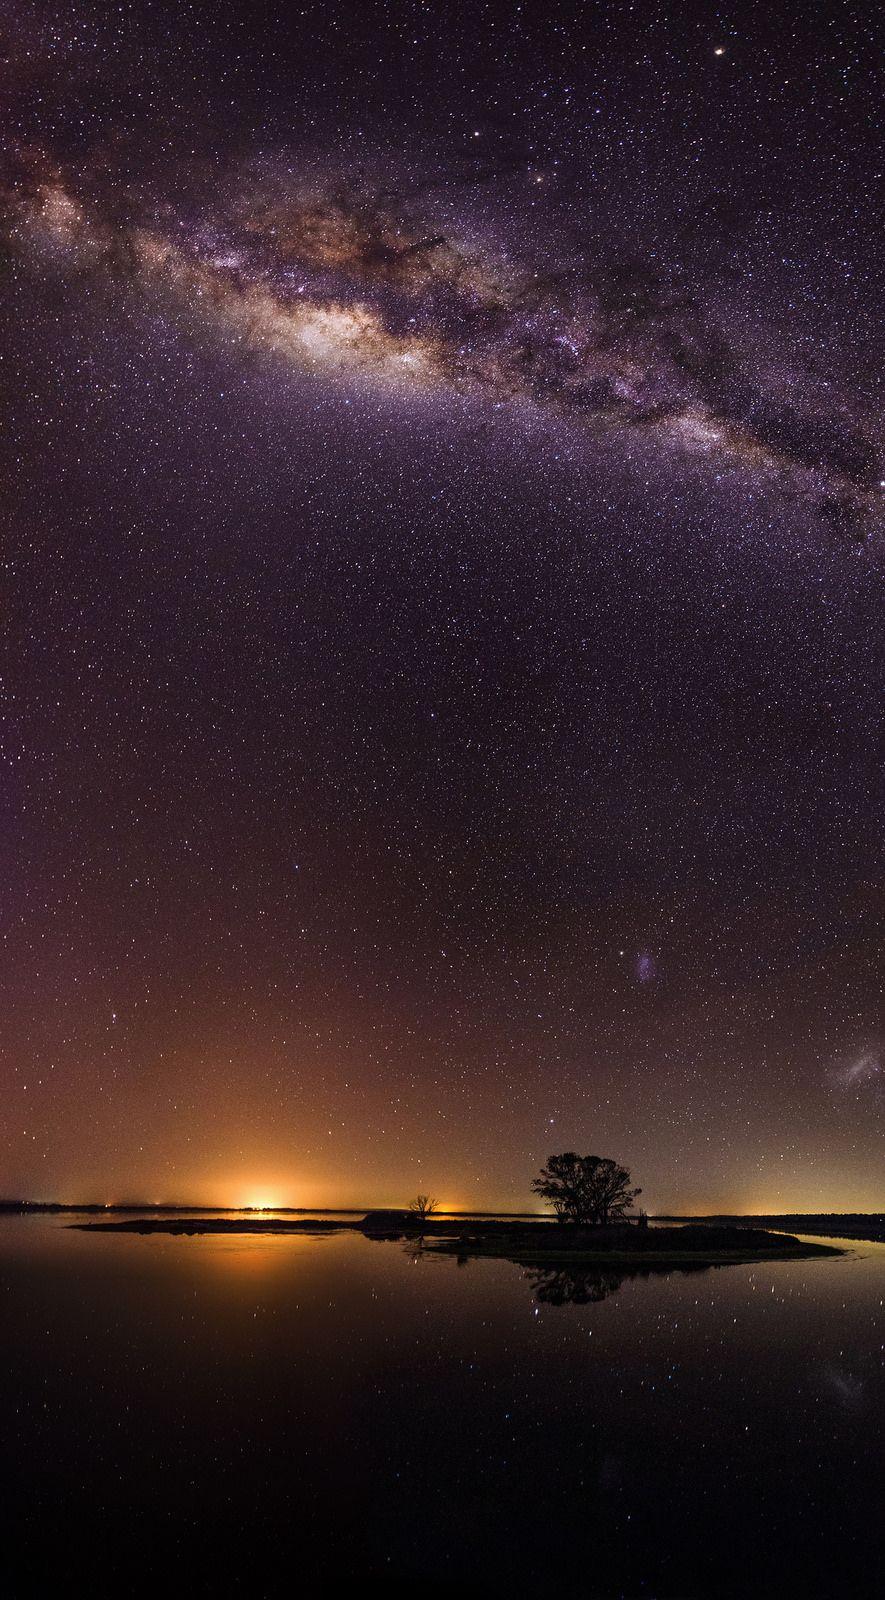 Space Things Photo Puestas De Sol Fotos Universo